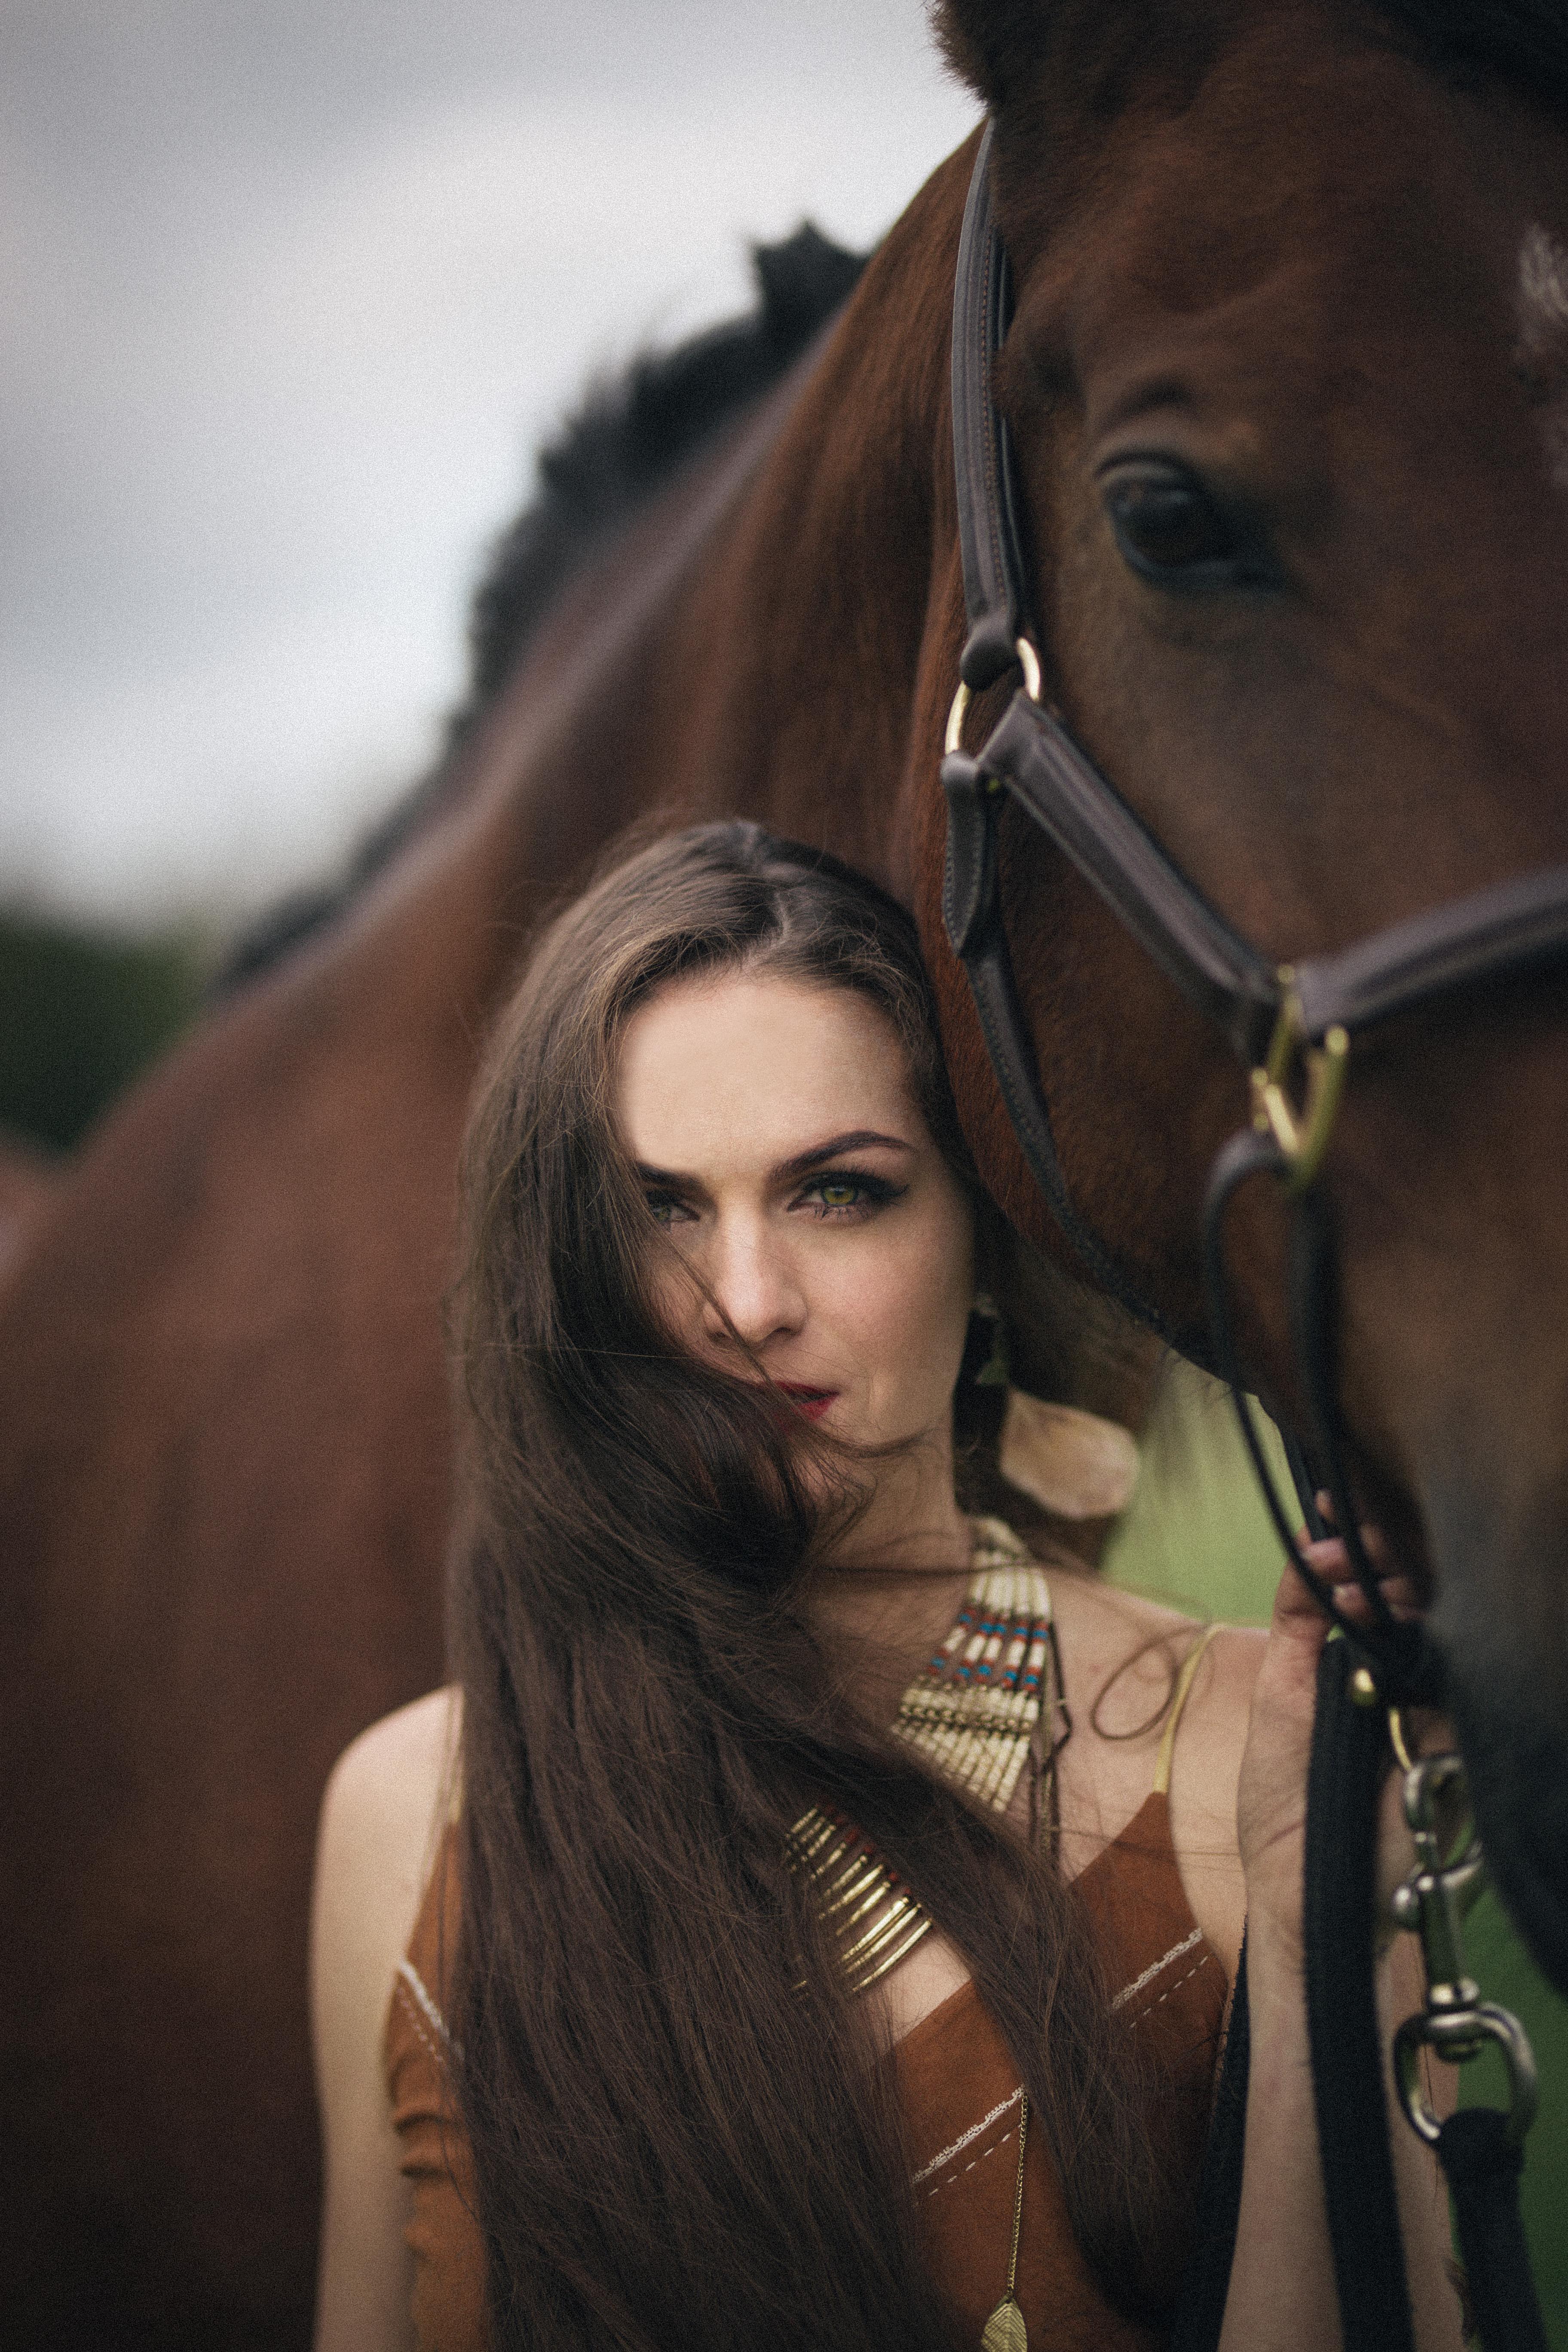 naise portree fotosessioon loomaga